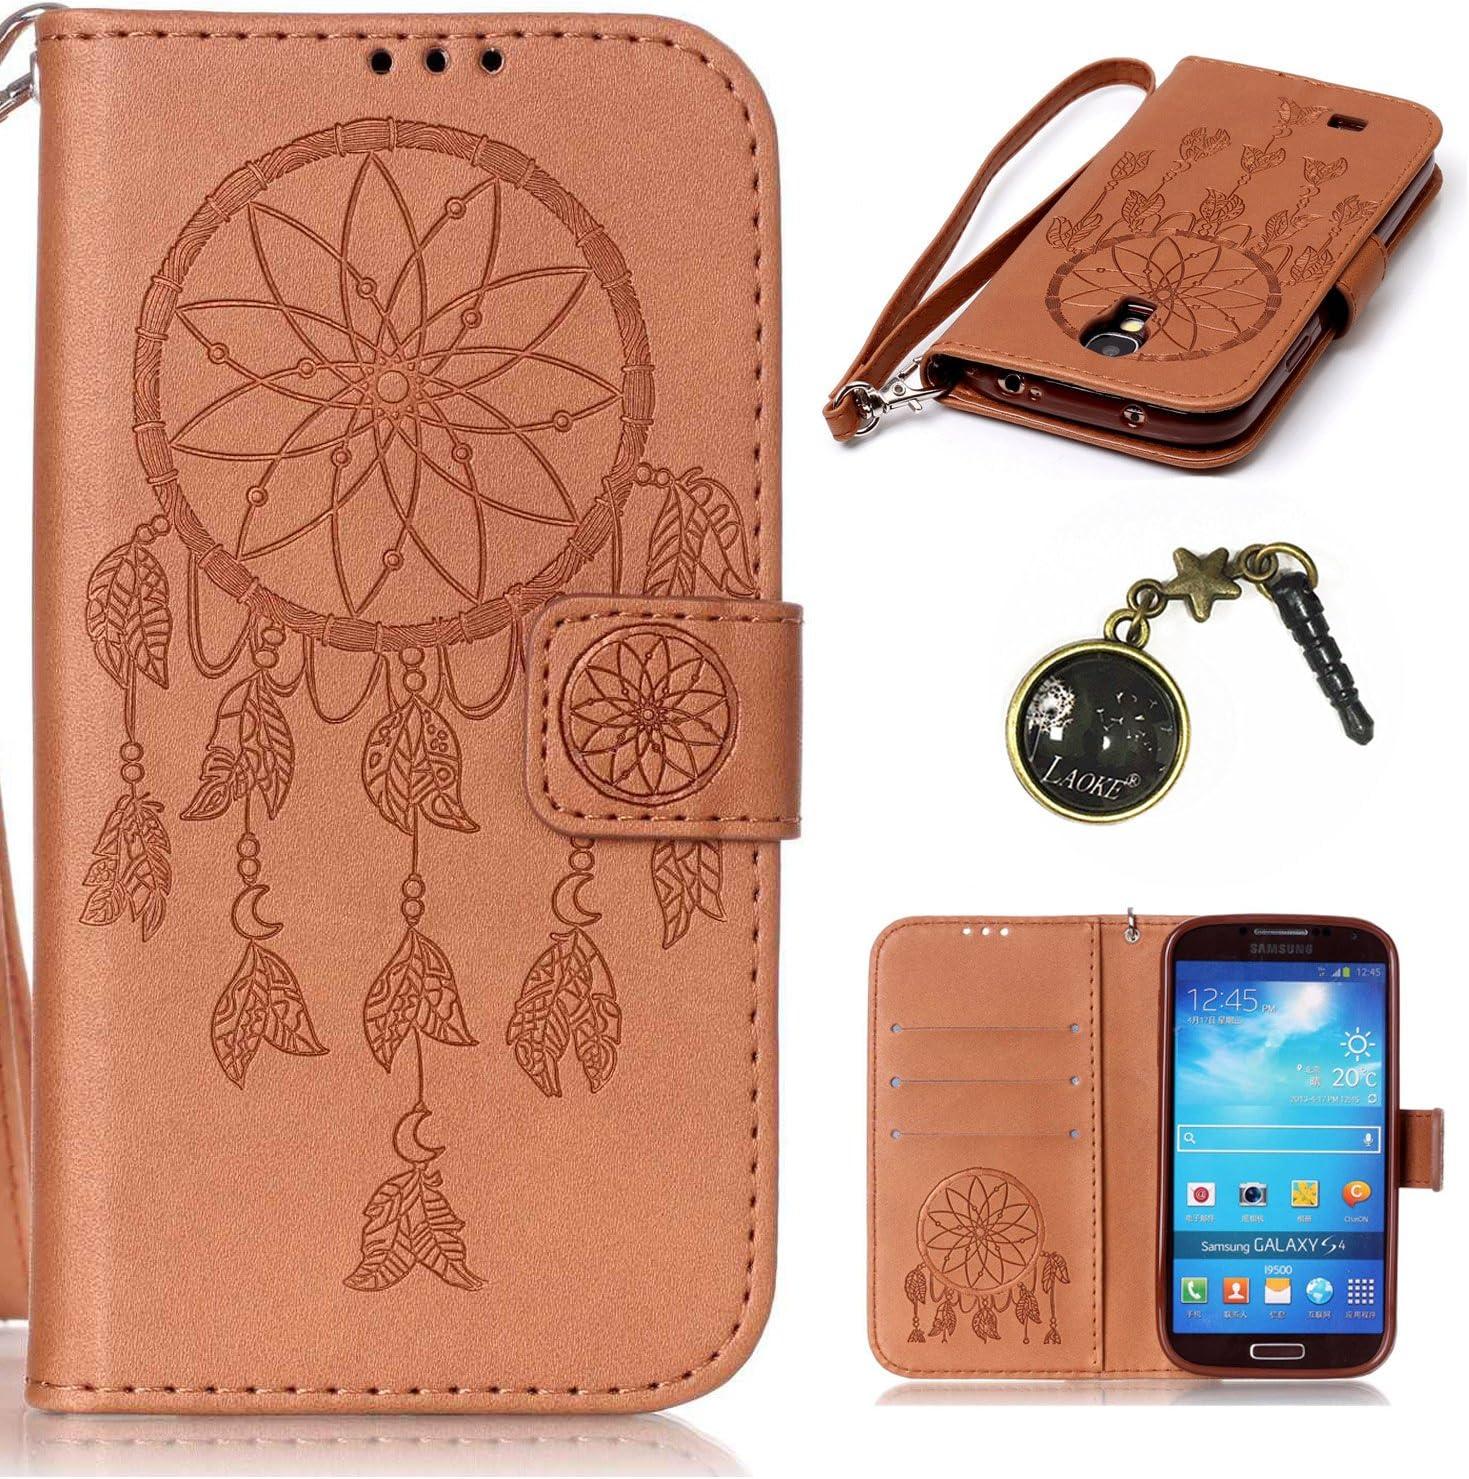 PU Galaxy S4 i9500 (5 pulgadas) funda Flip cover de piel para Samsung Galaxy S4 i9500 (5 pulgadas) Flip Cover Funda Libro Con Tarjetero Función Atril magnético + Polvo Conector azul 12: Amazon.es: Electrónica